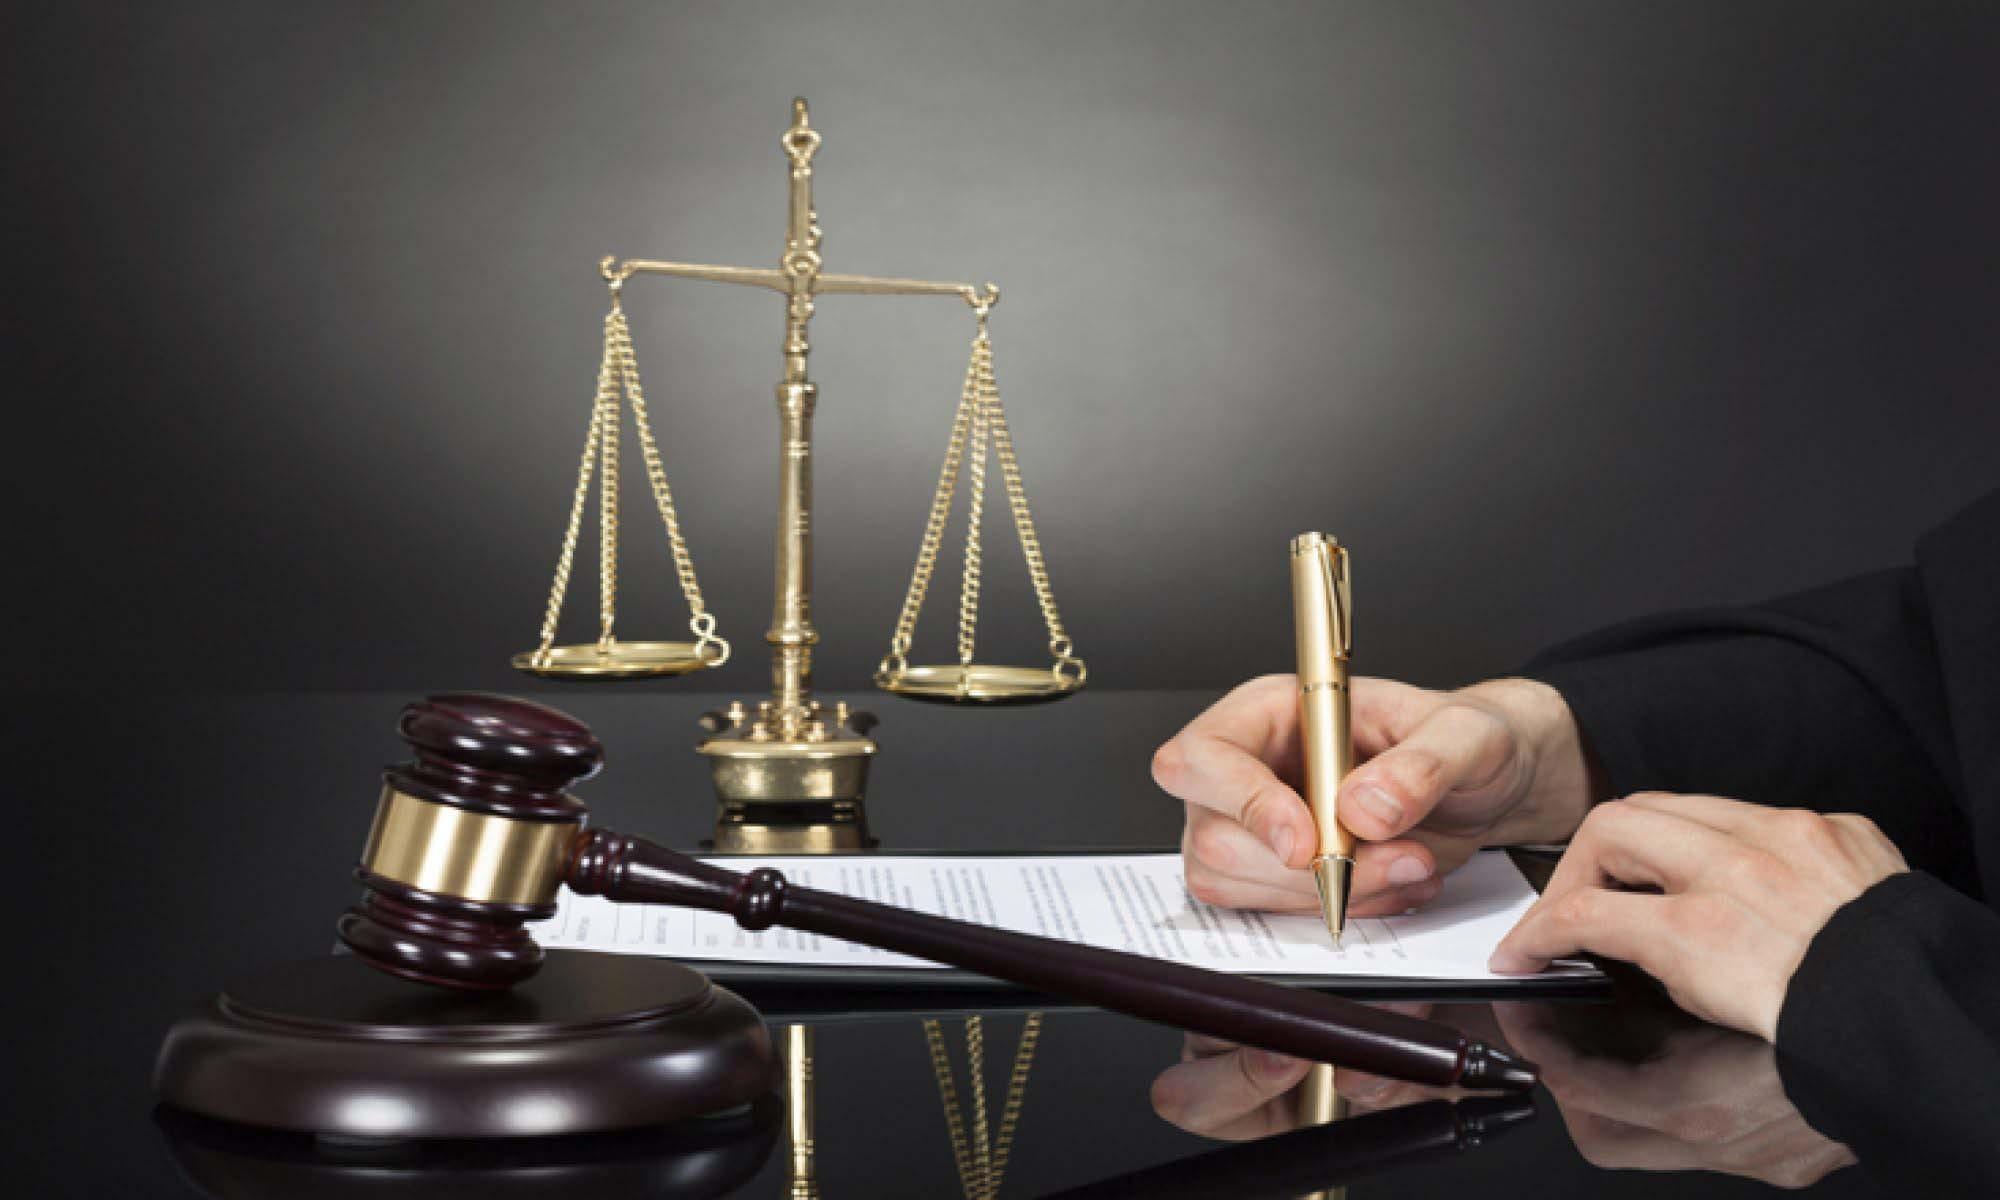 وکیل باید لایحه های کارآمد را بنویسد